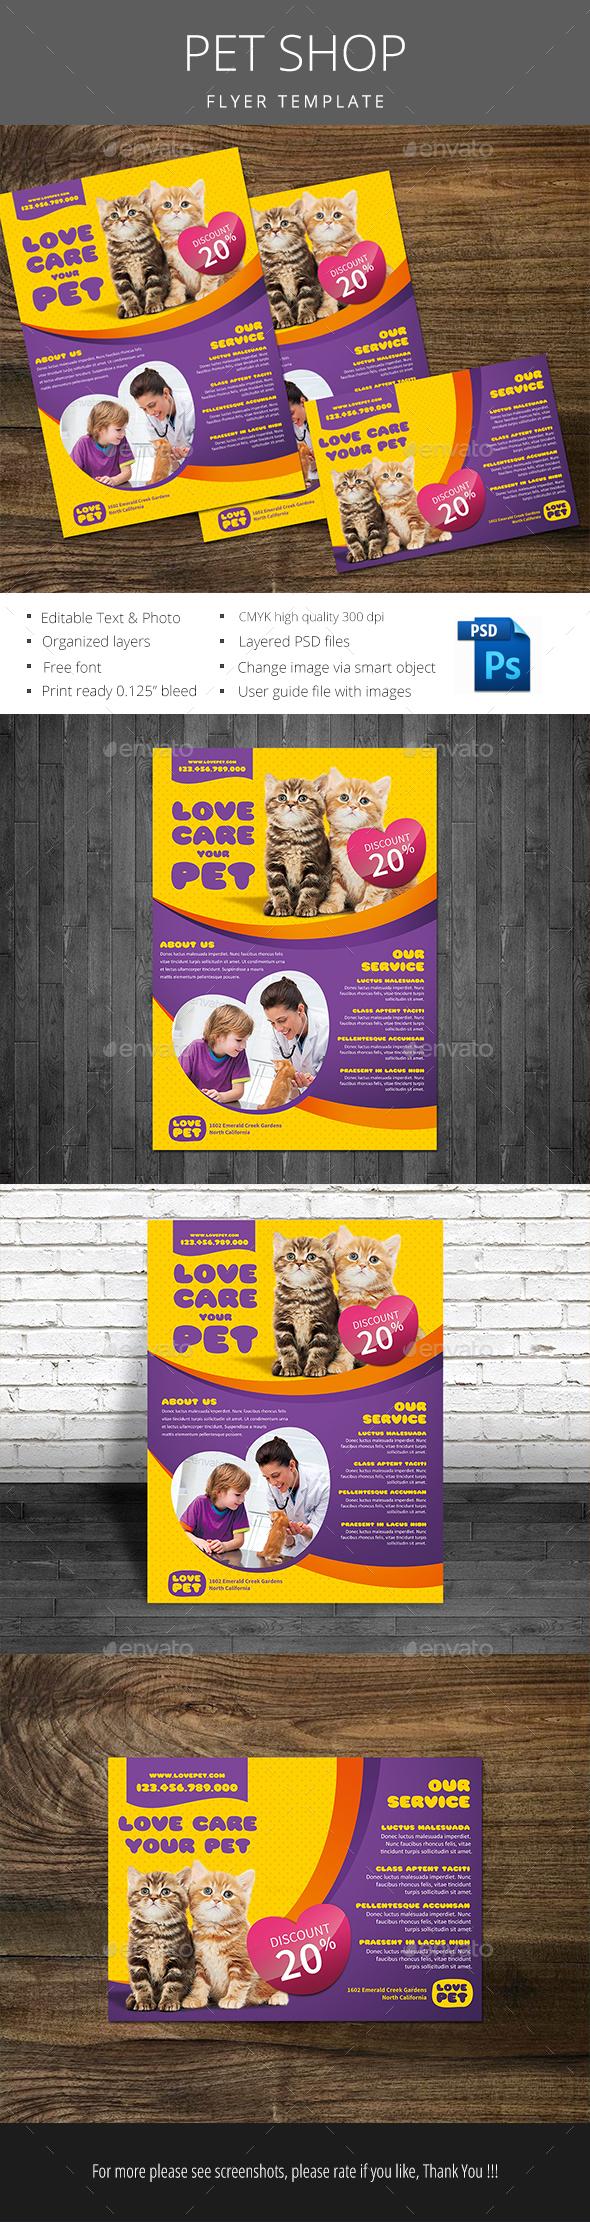 Pet Shop Flyer - Flyers Print Templates